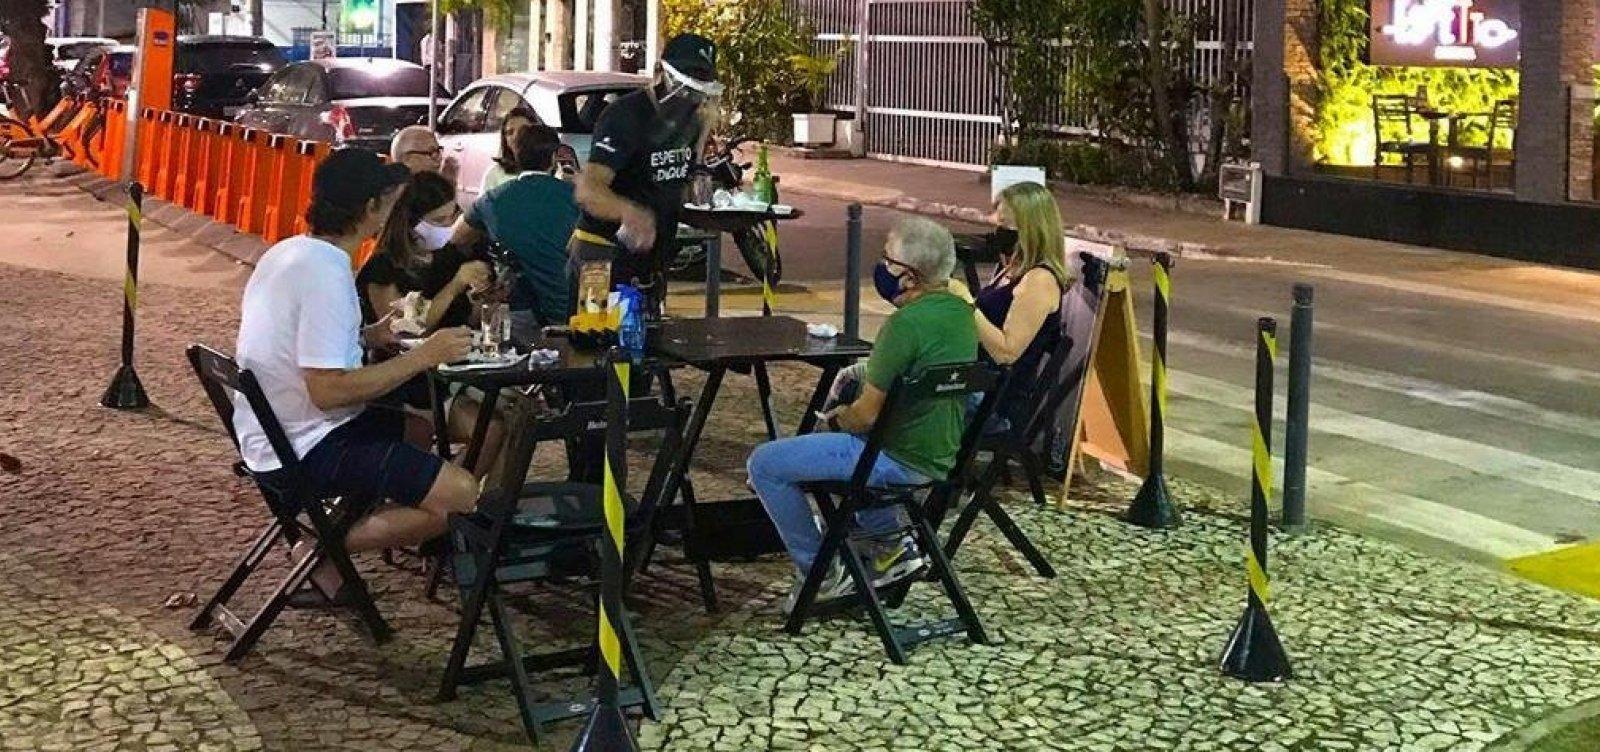 Retomada do comércio: bares e restaurantes reabrem nesta quarta em Salvador